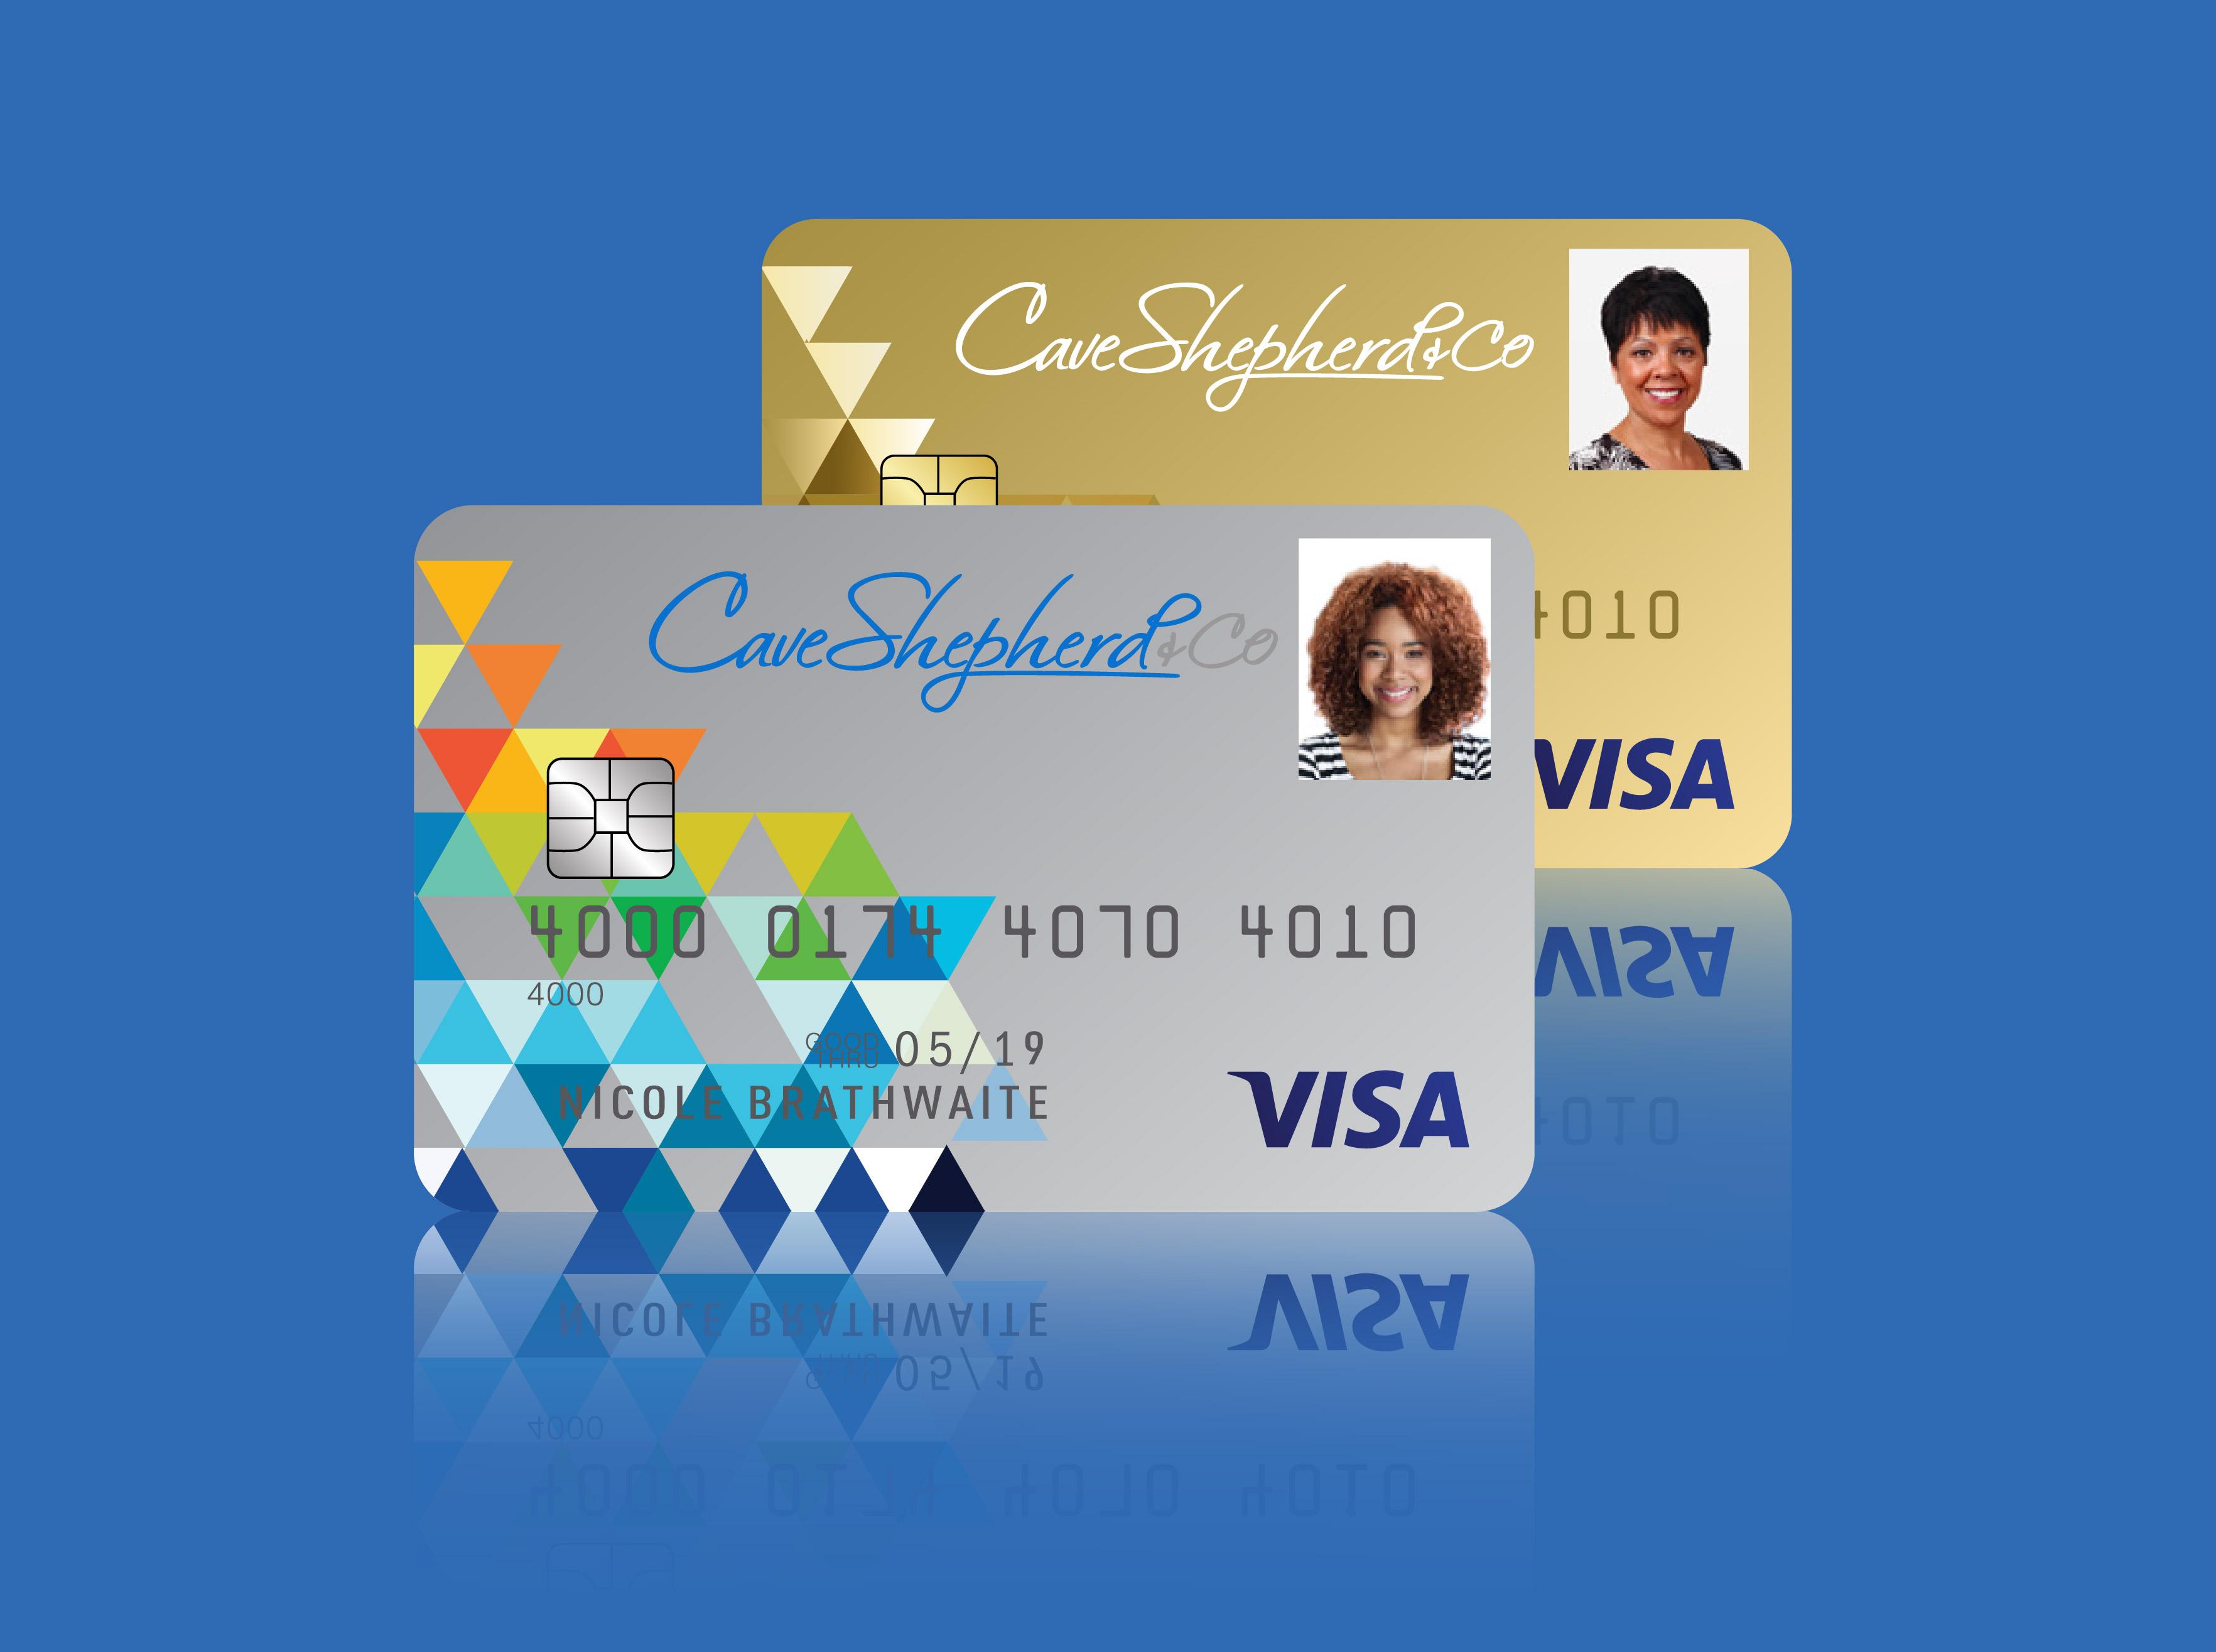 Cave Shepherd Visa Card